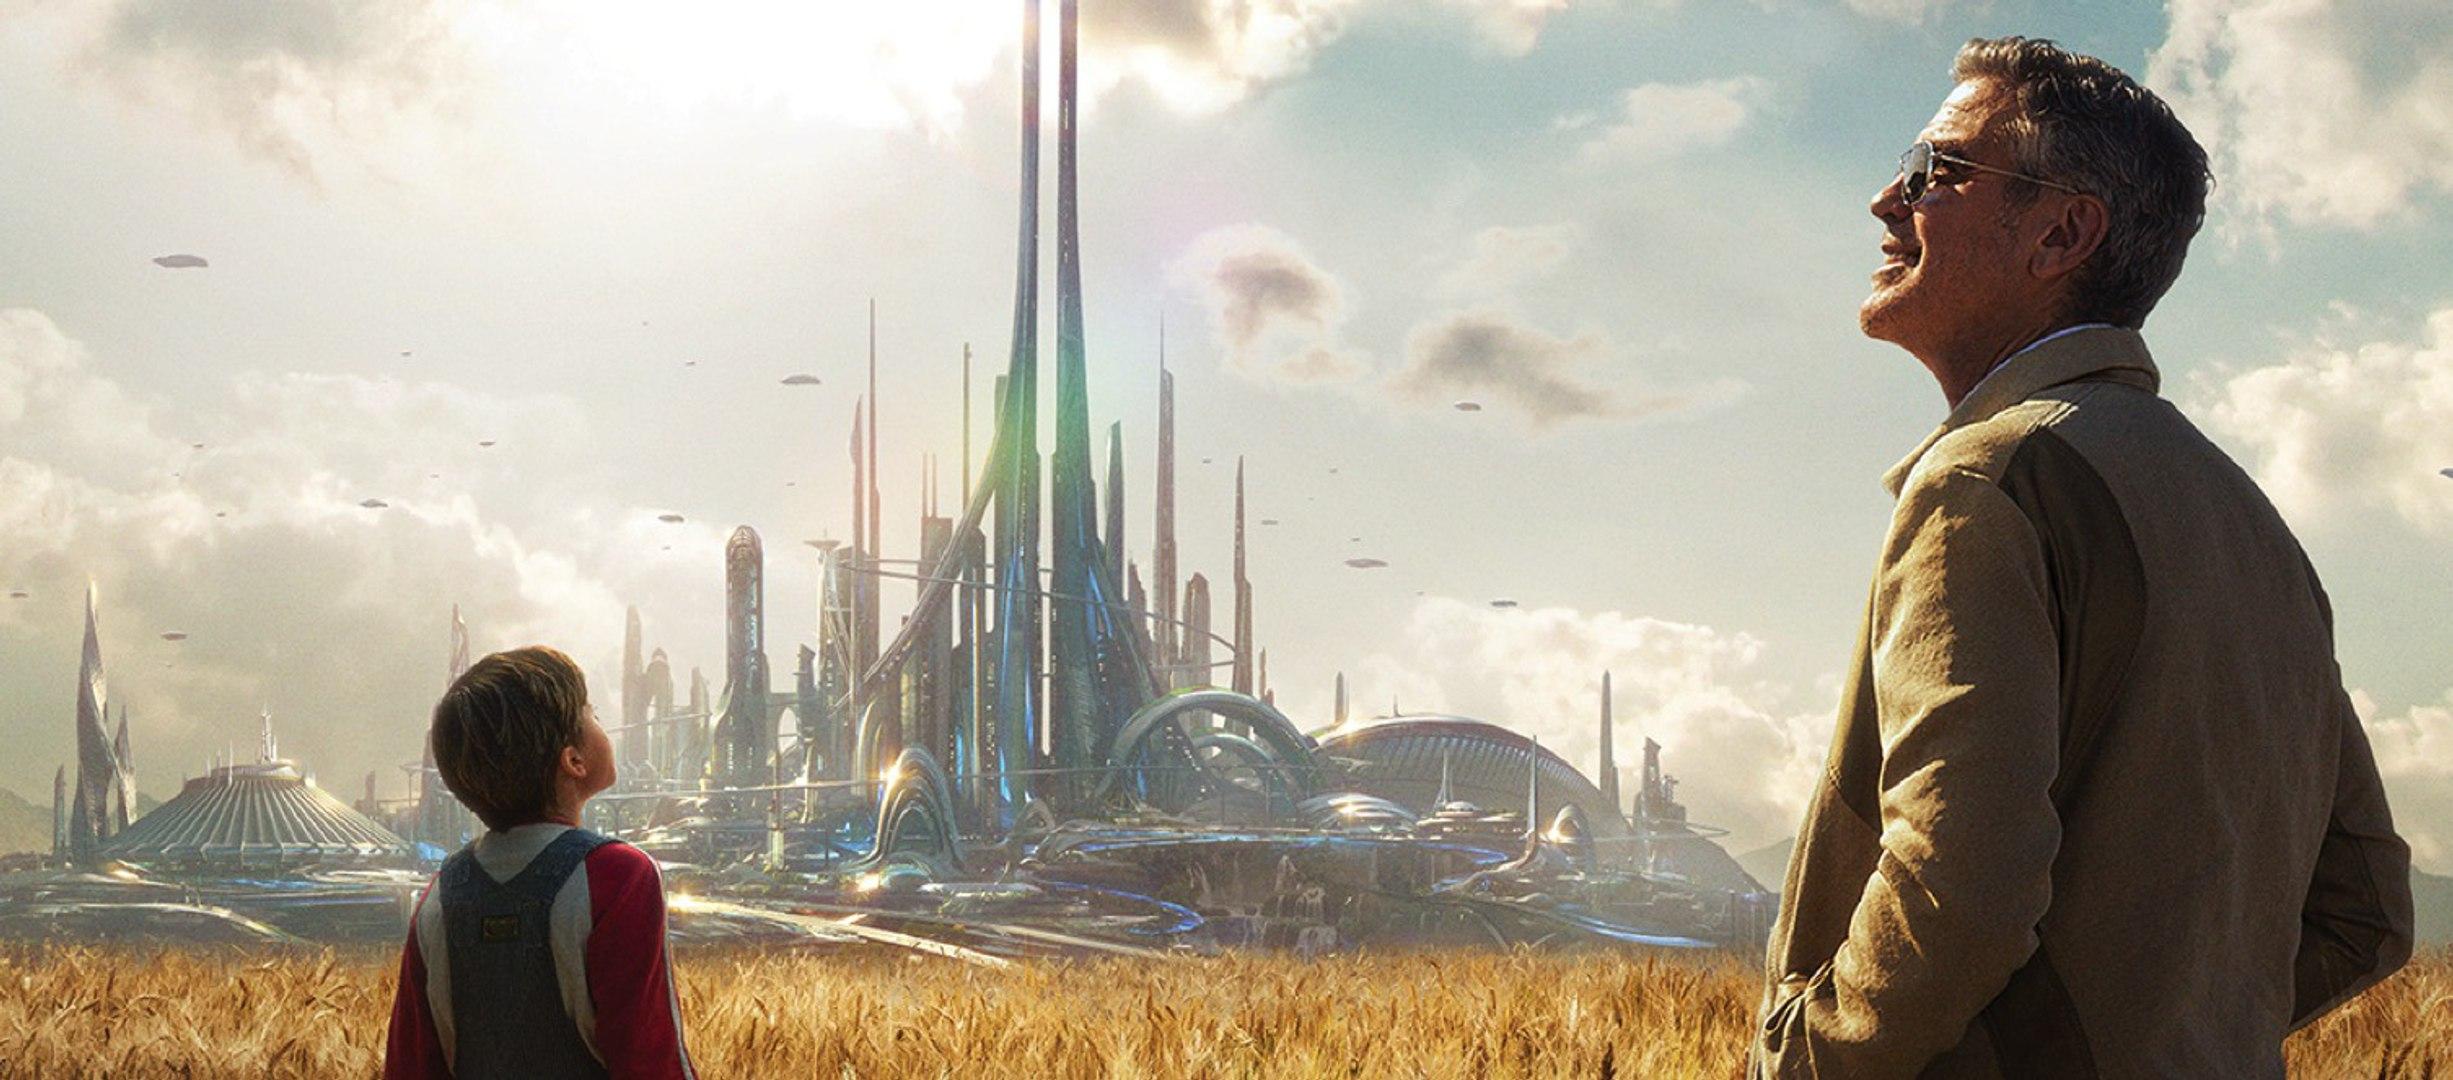 Tomorrowland 2015 Full M O V I E